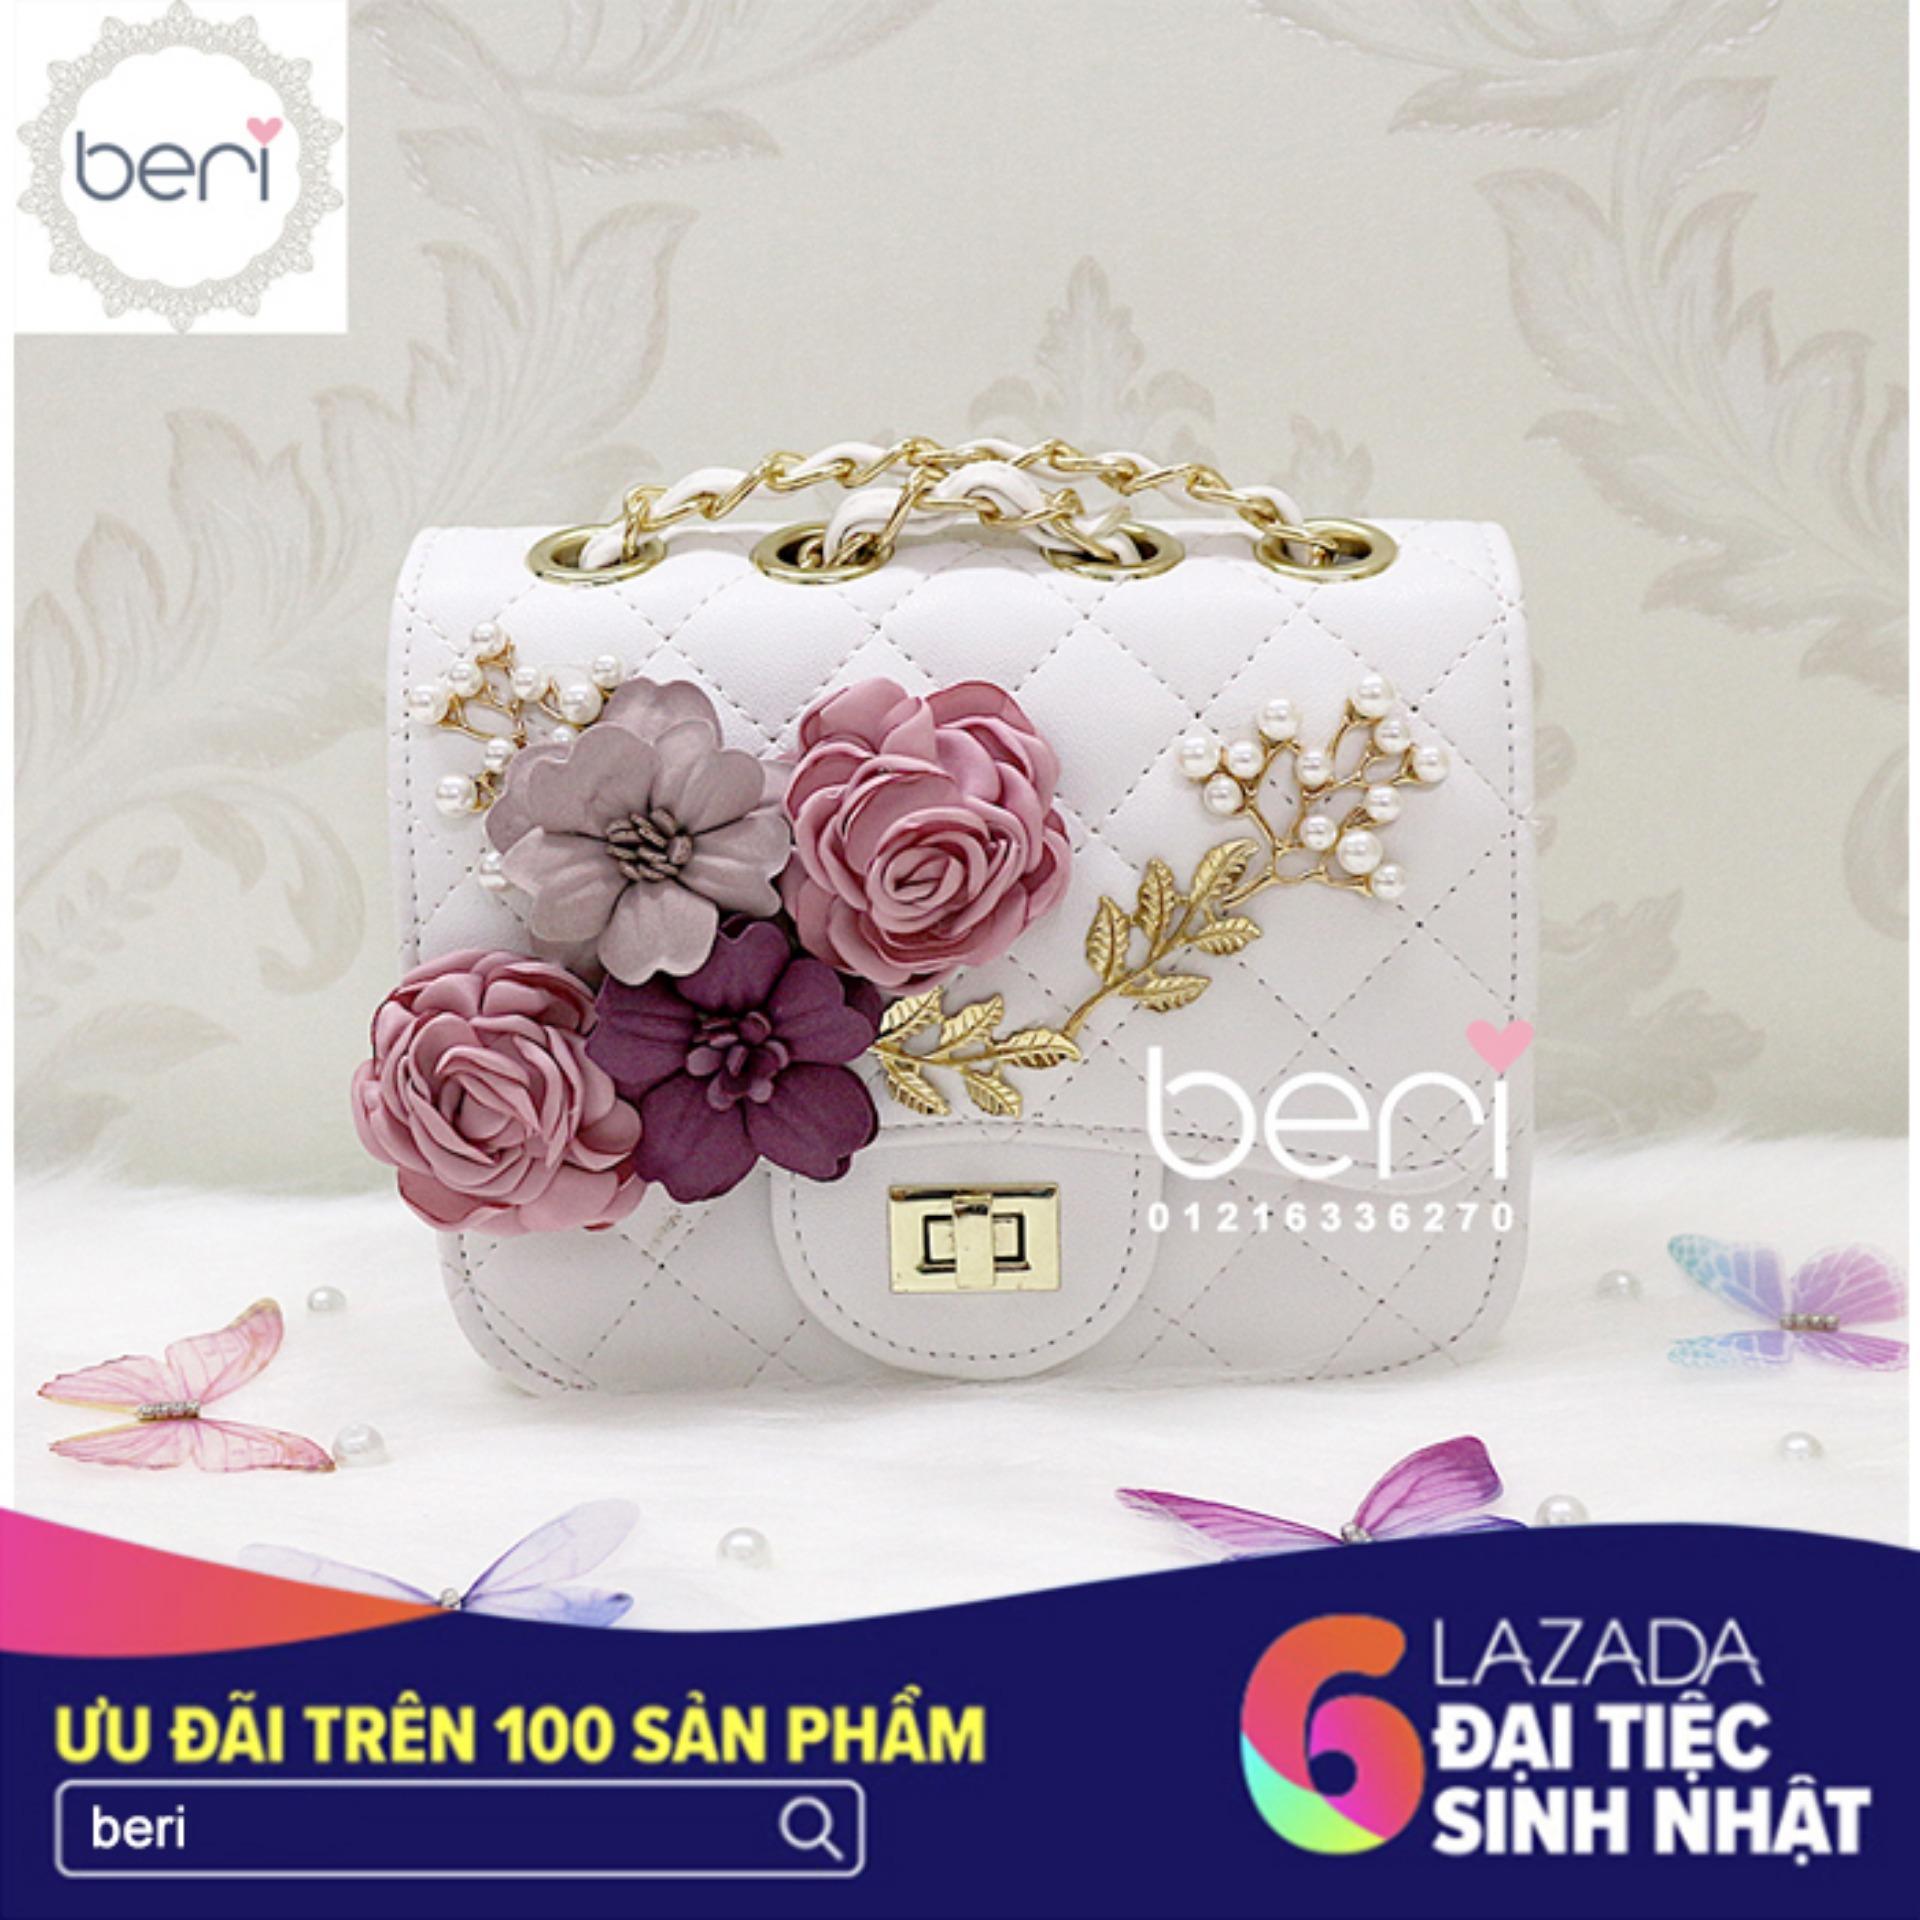 Bán Tui Da Đinh Hoa Vải Beri Trắng Tui032 Rẻ Trong Hồ Chí Minh